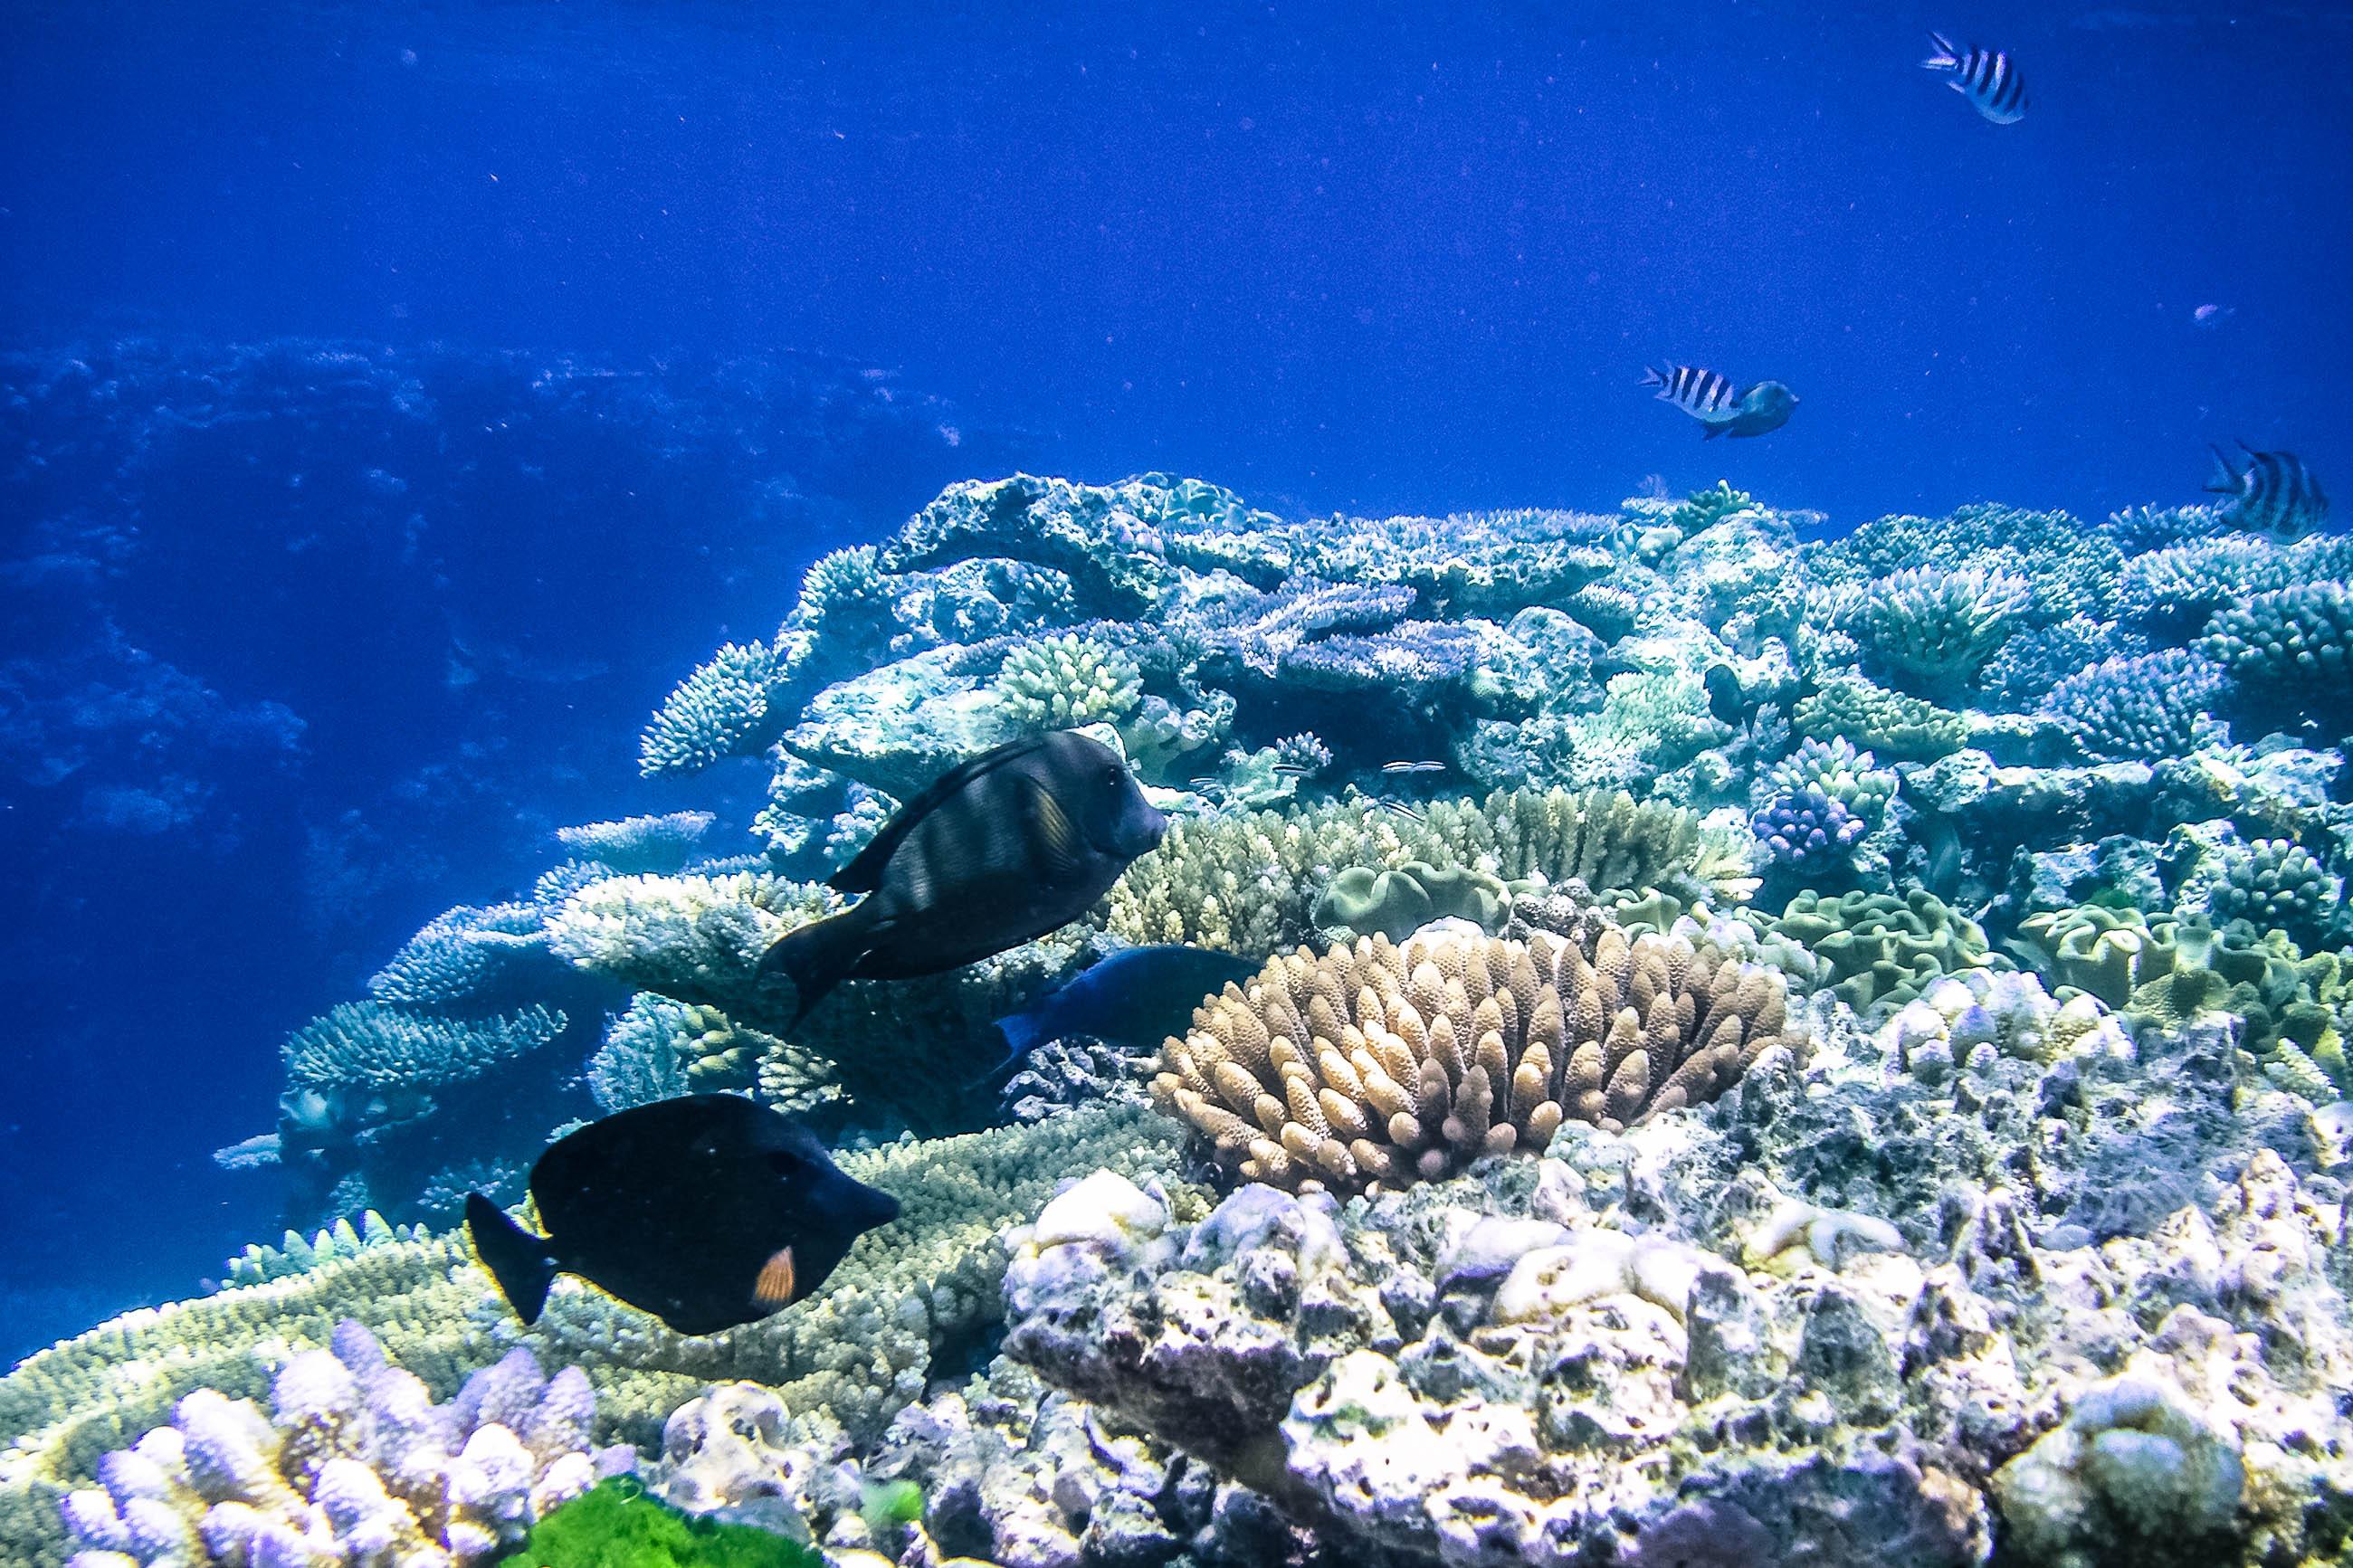 Great Barrier Reef In Australia Under Clear Threat - UN